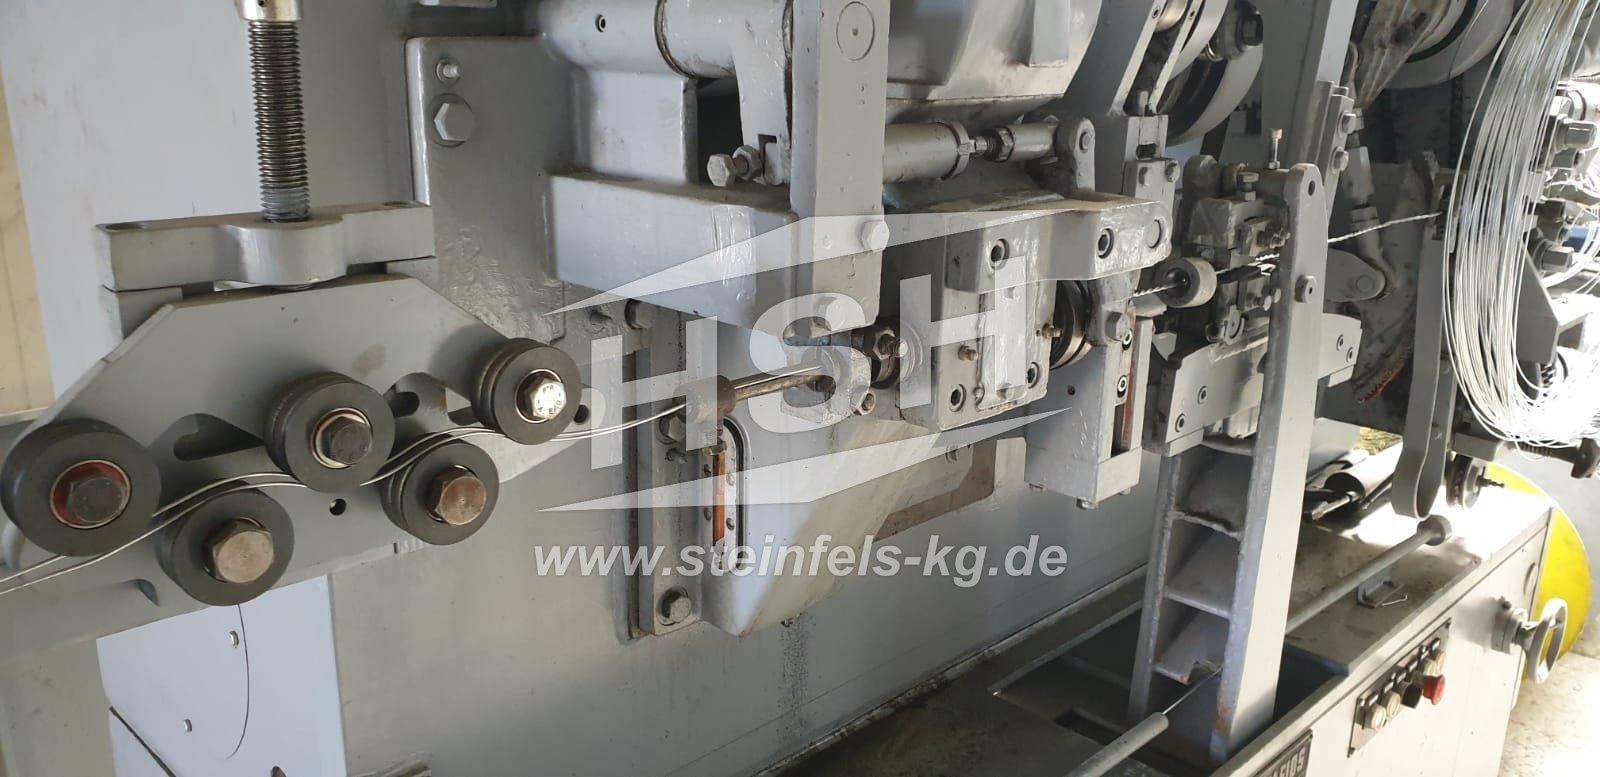 D48E/7785 – WAFIOS – STM3 – 1976 – 1,6-2,0 mm